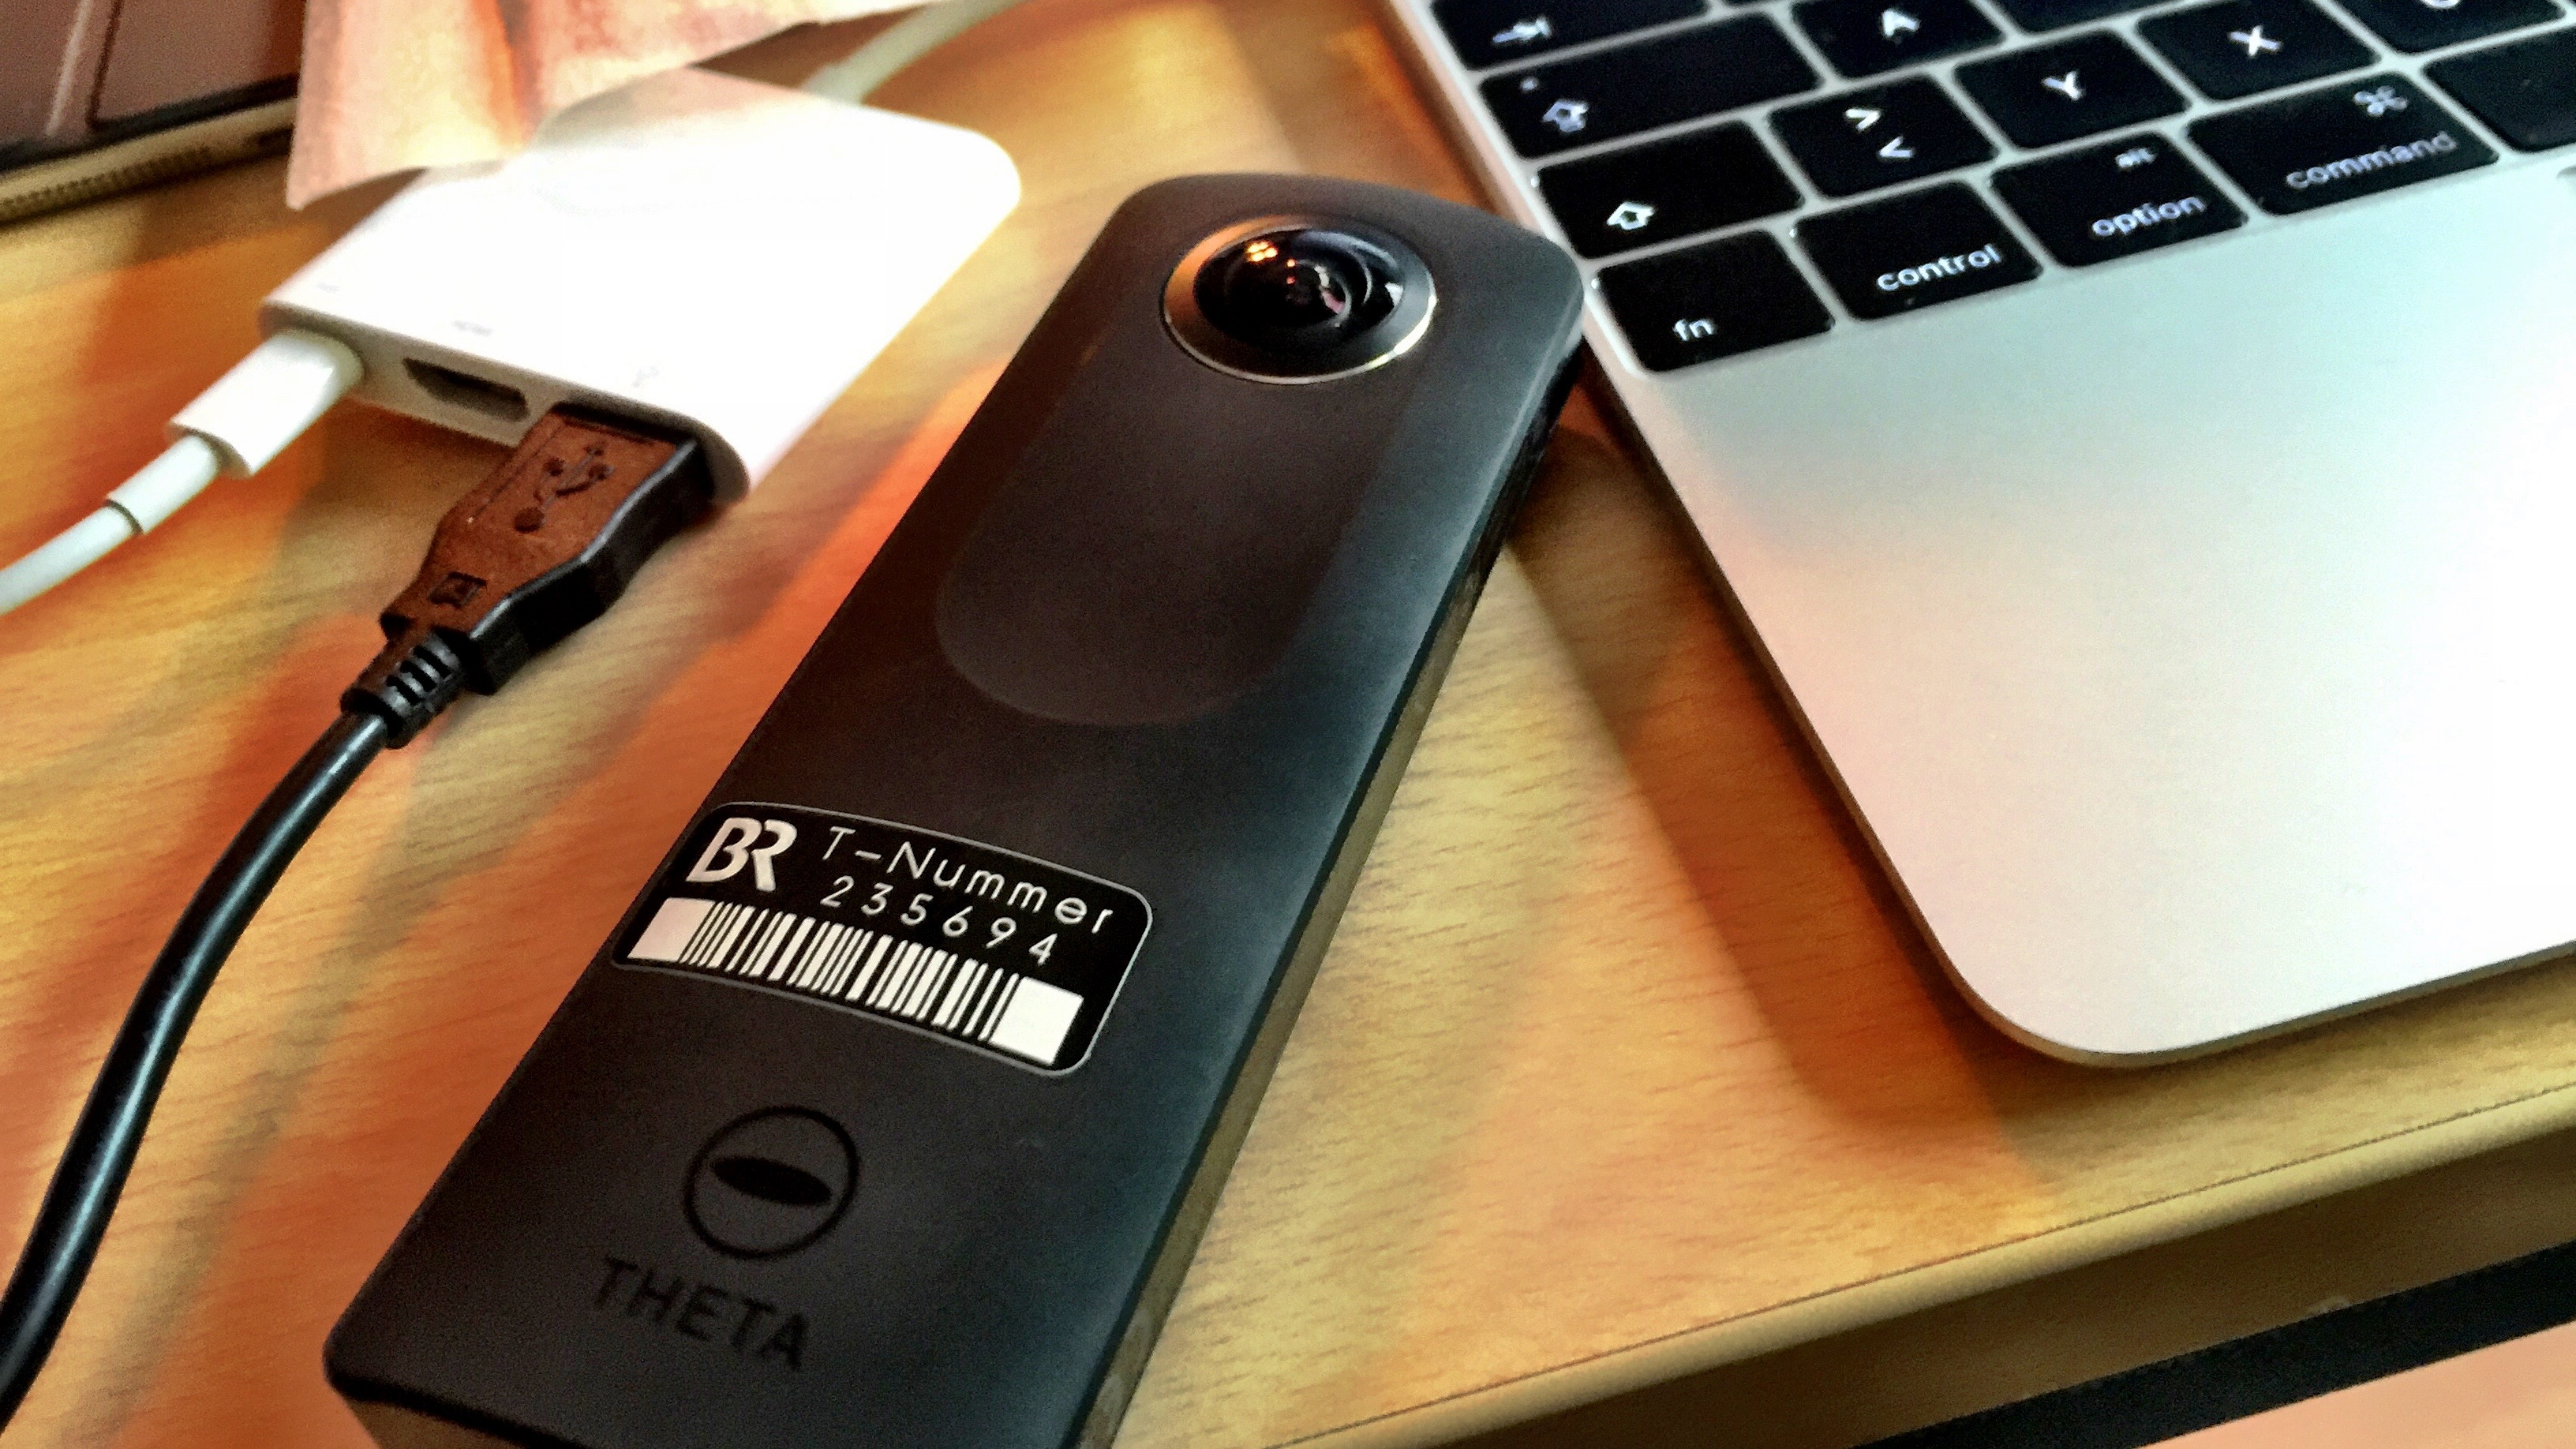 Immer leichter zu handhaben, auch dank besserer Hardware: 360-Grad-Aufnahmen. (Foto: Jakubetz)